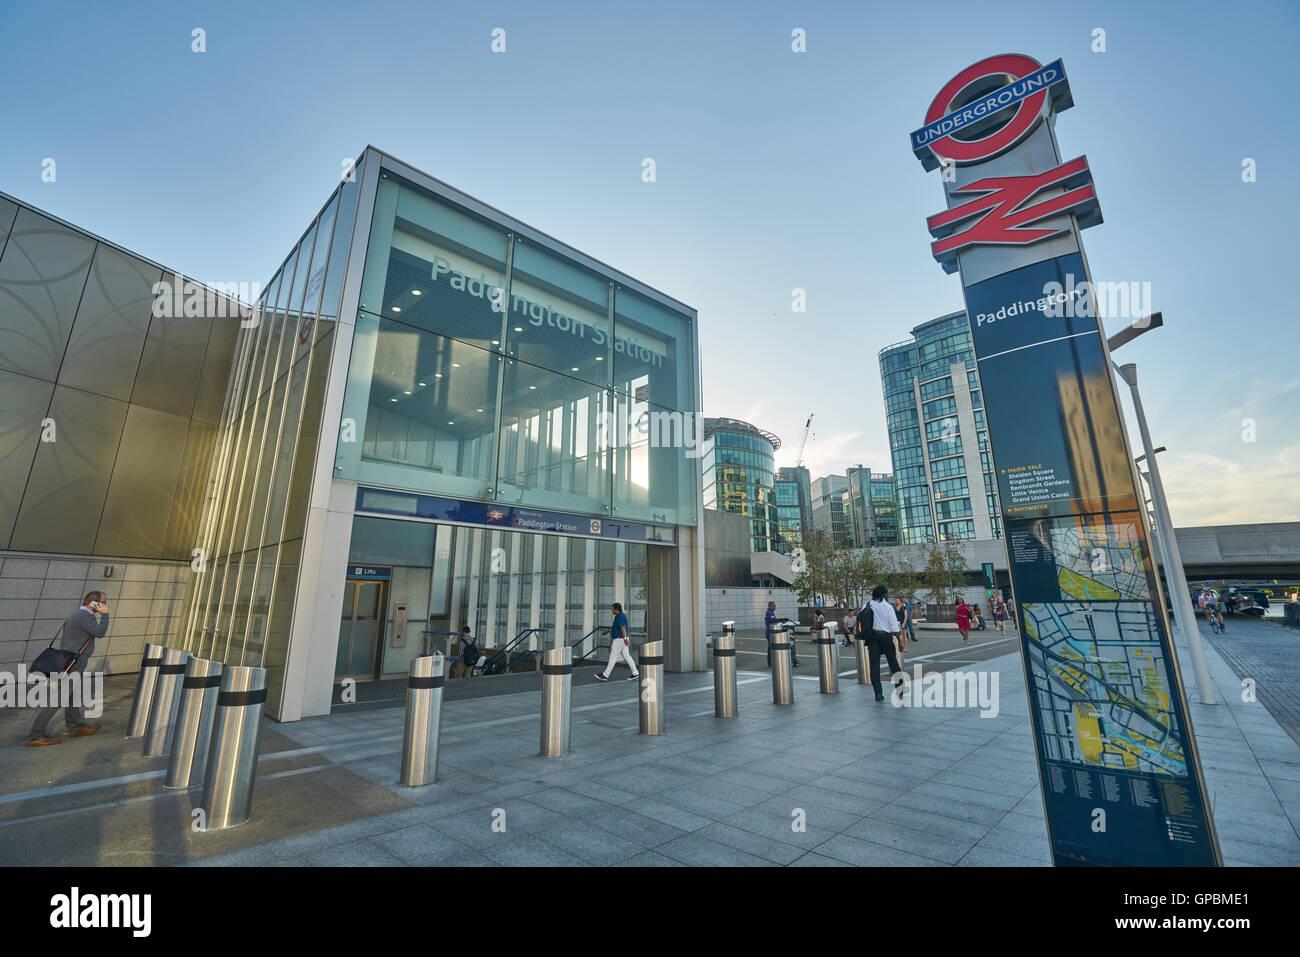 paddington underground station entrance. - Stock Image